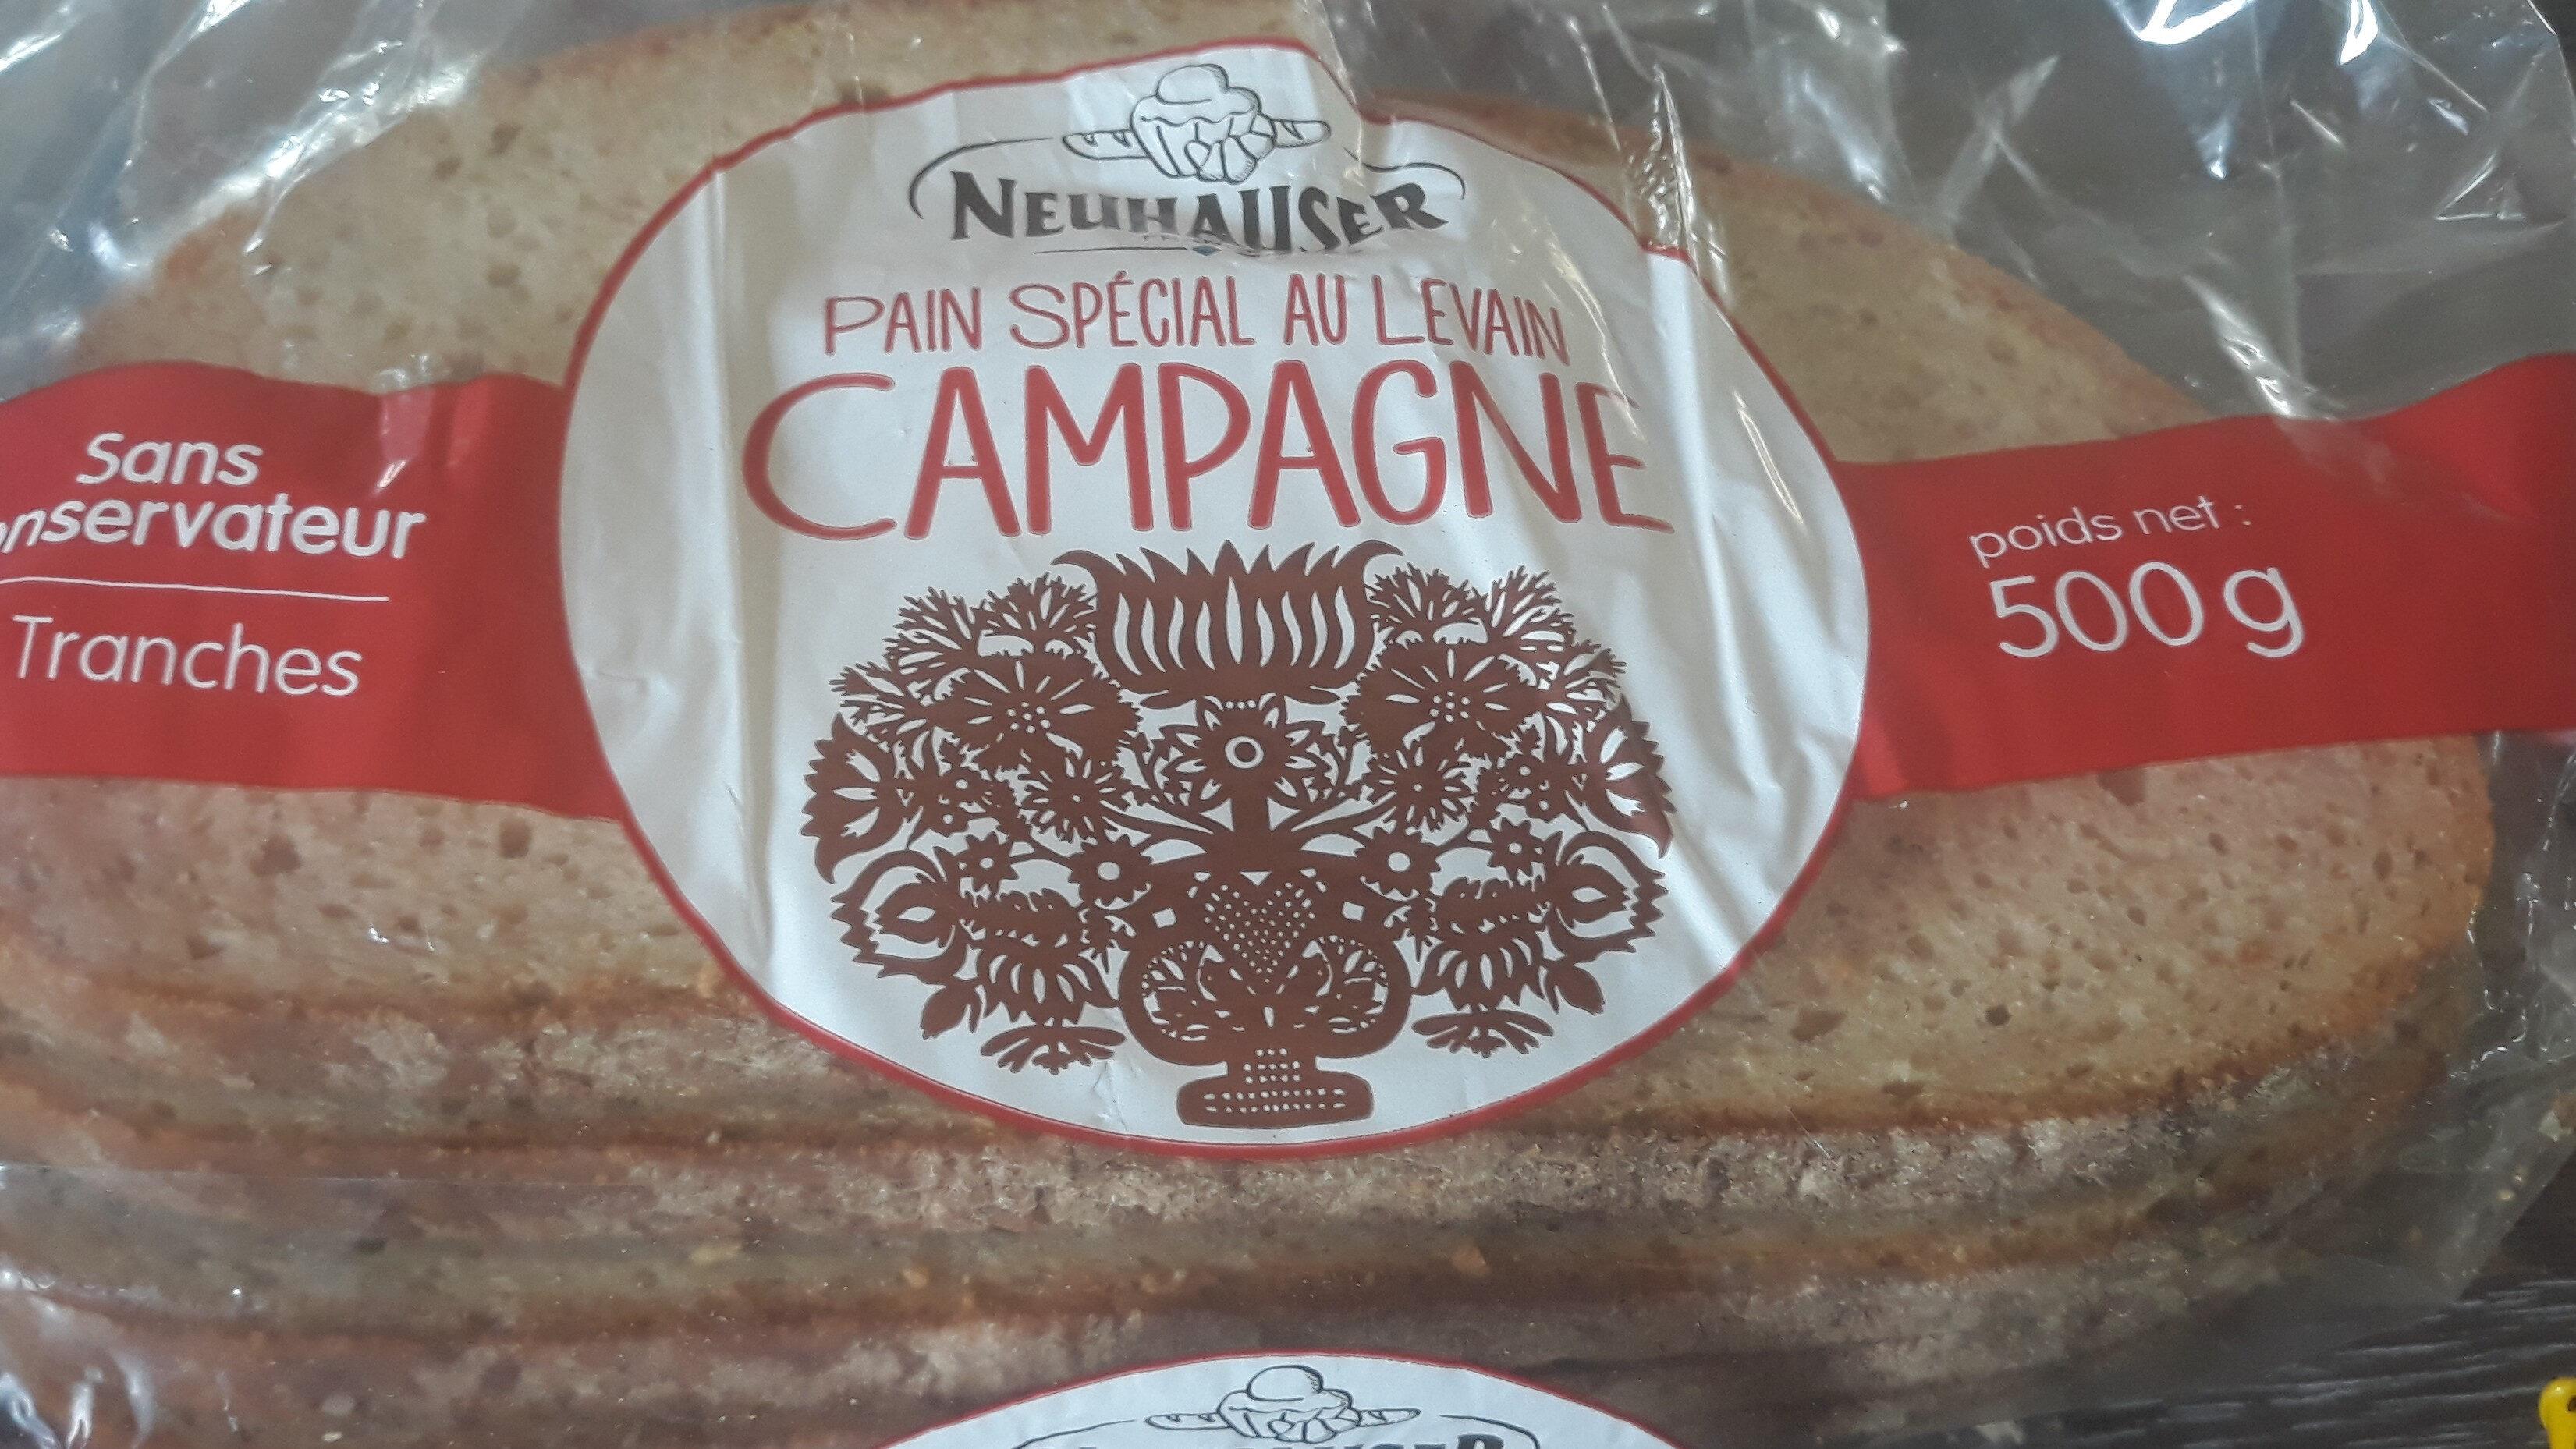 Pain spécial au levain campagne - Product - fr